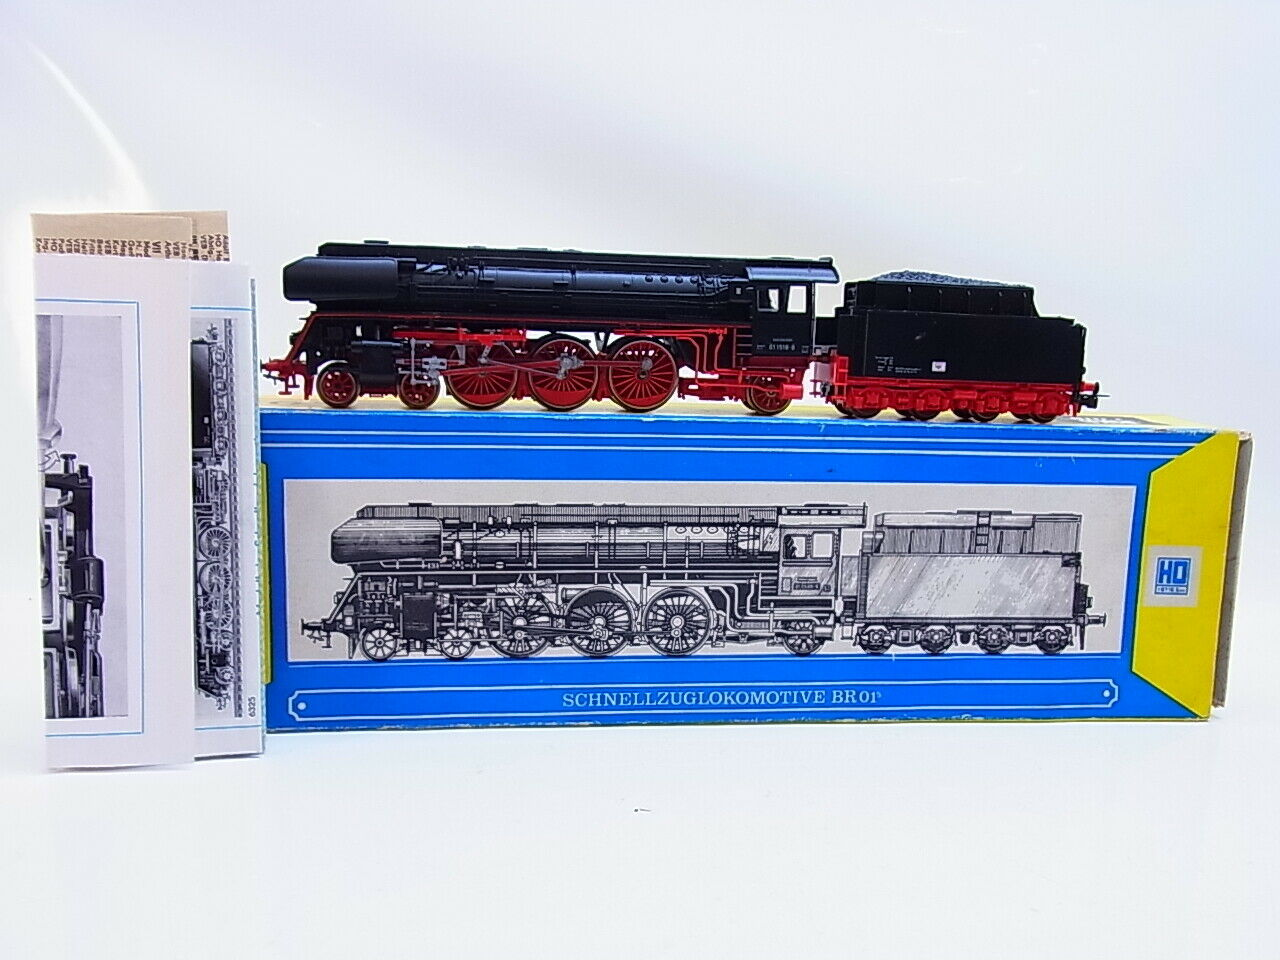 Lot 56033 Piko h0 5 6325 schnellzuglokomotive br 01 en OVP en OVP